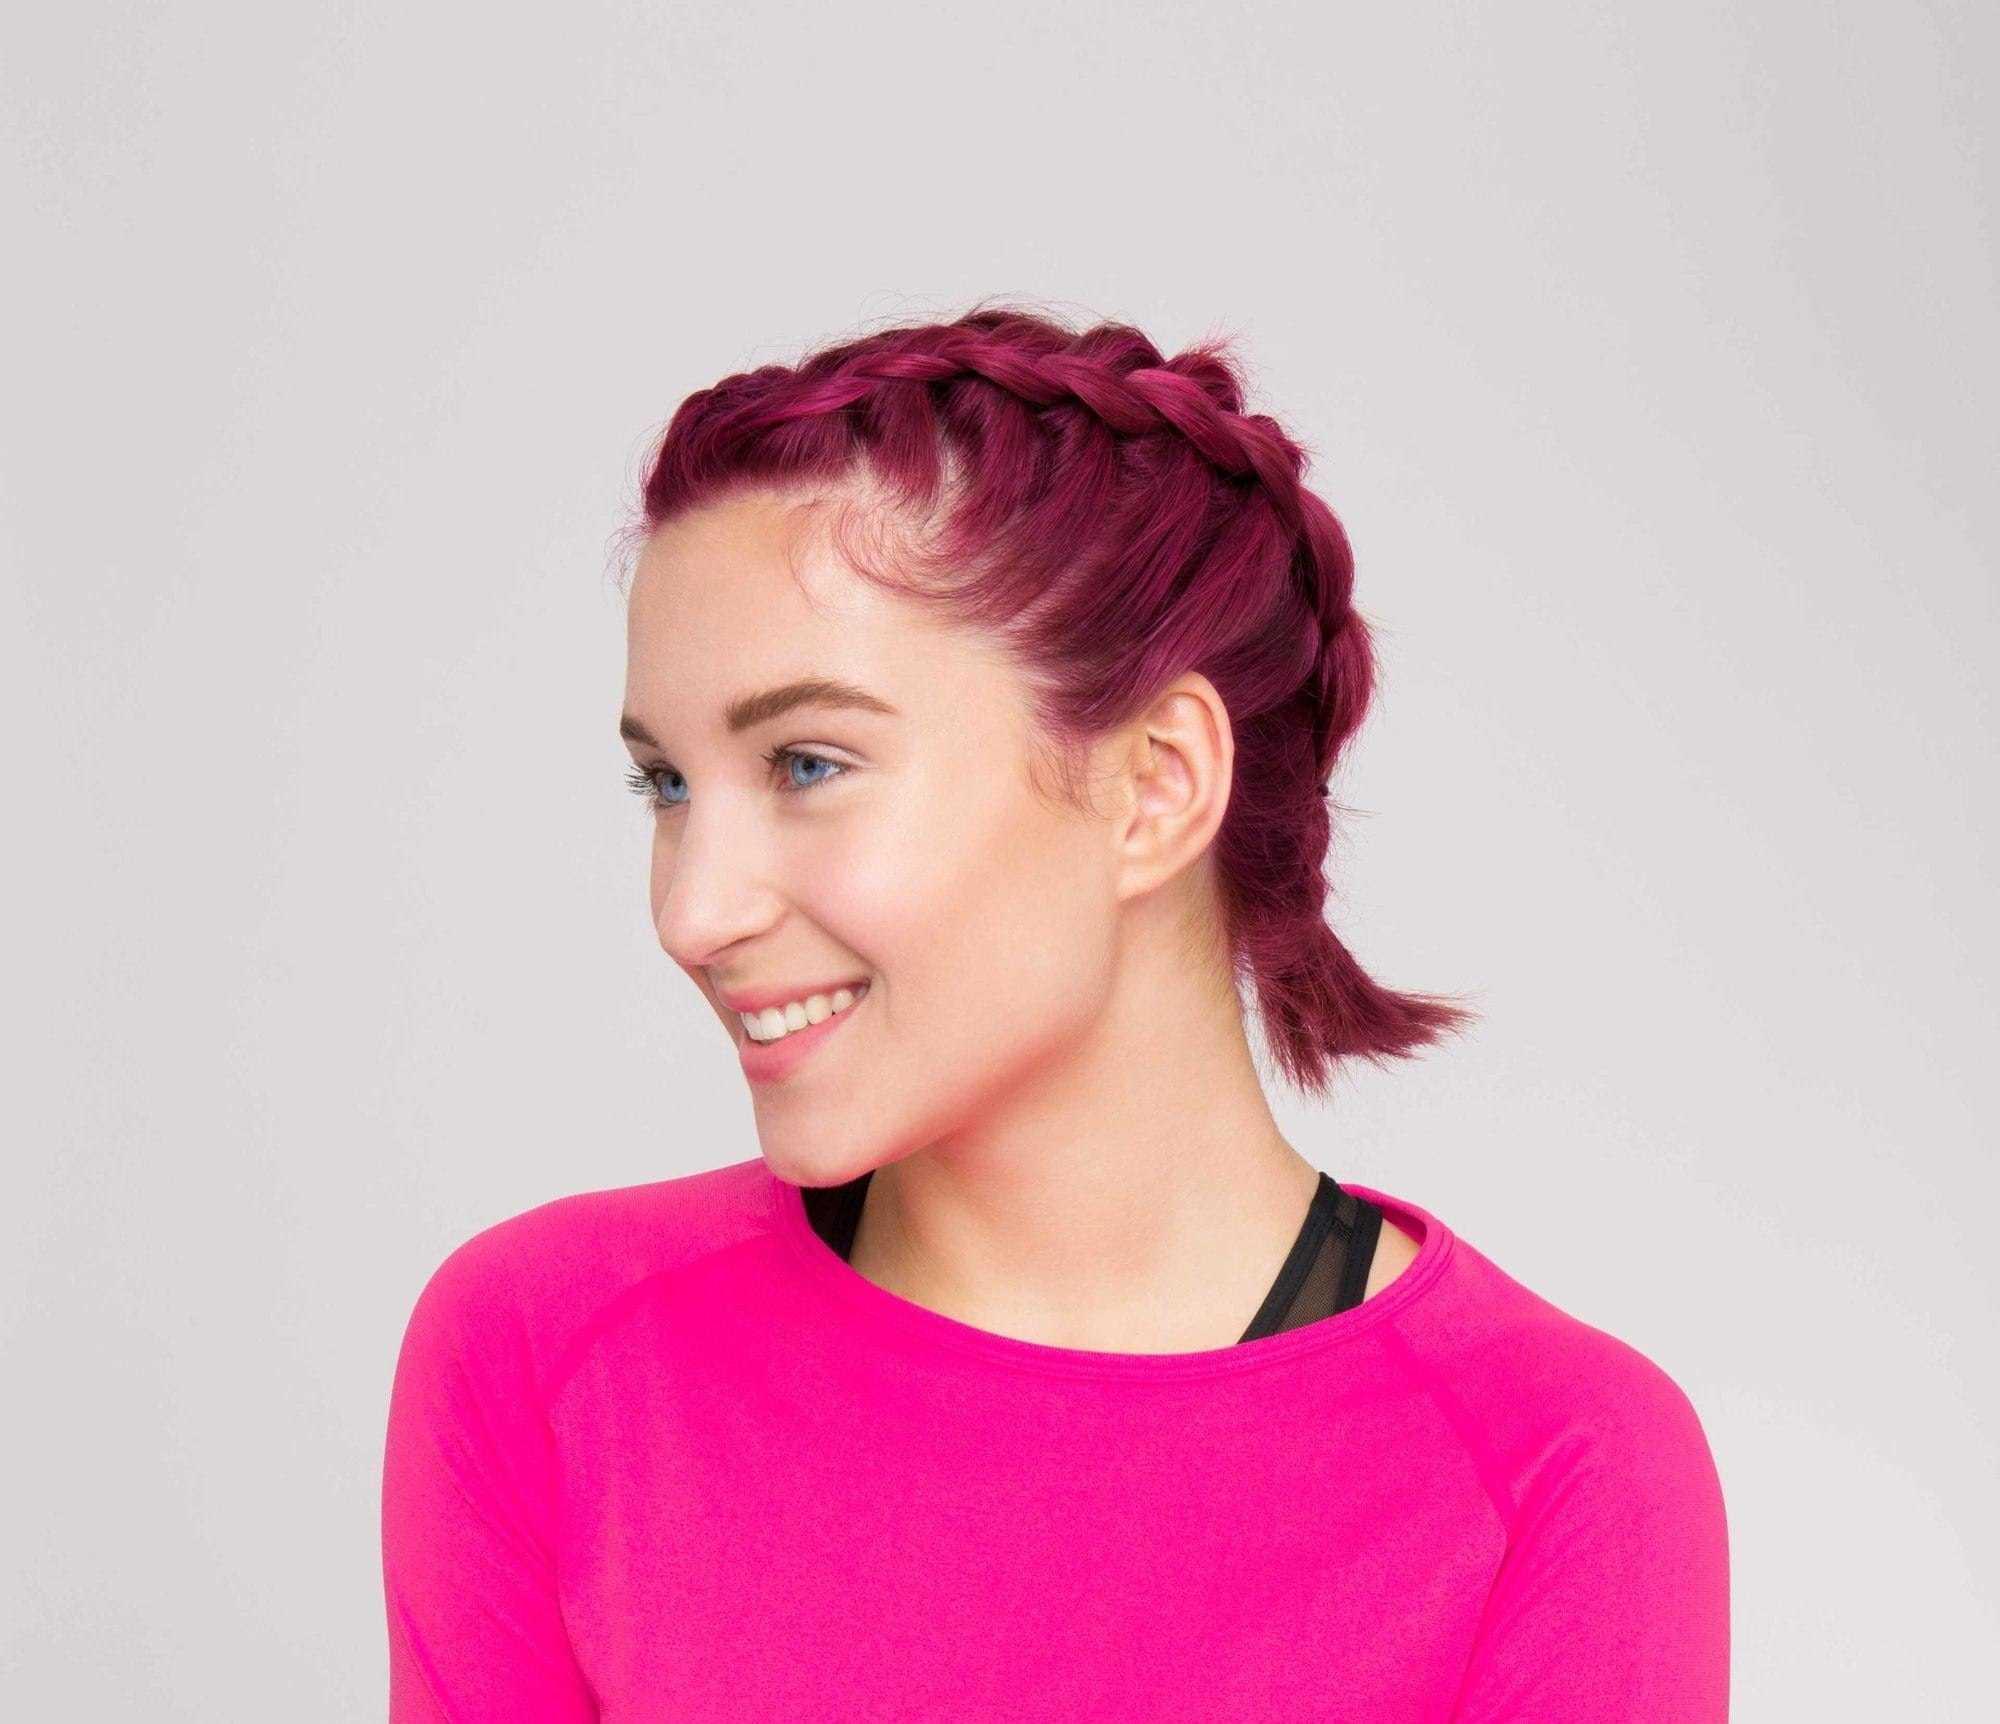 modelo de cabelo rosa com trança dupla holandesa